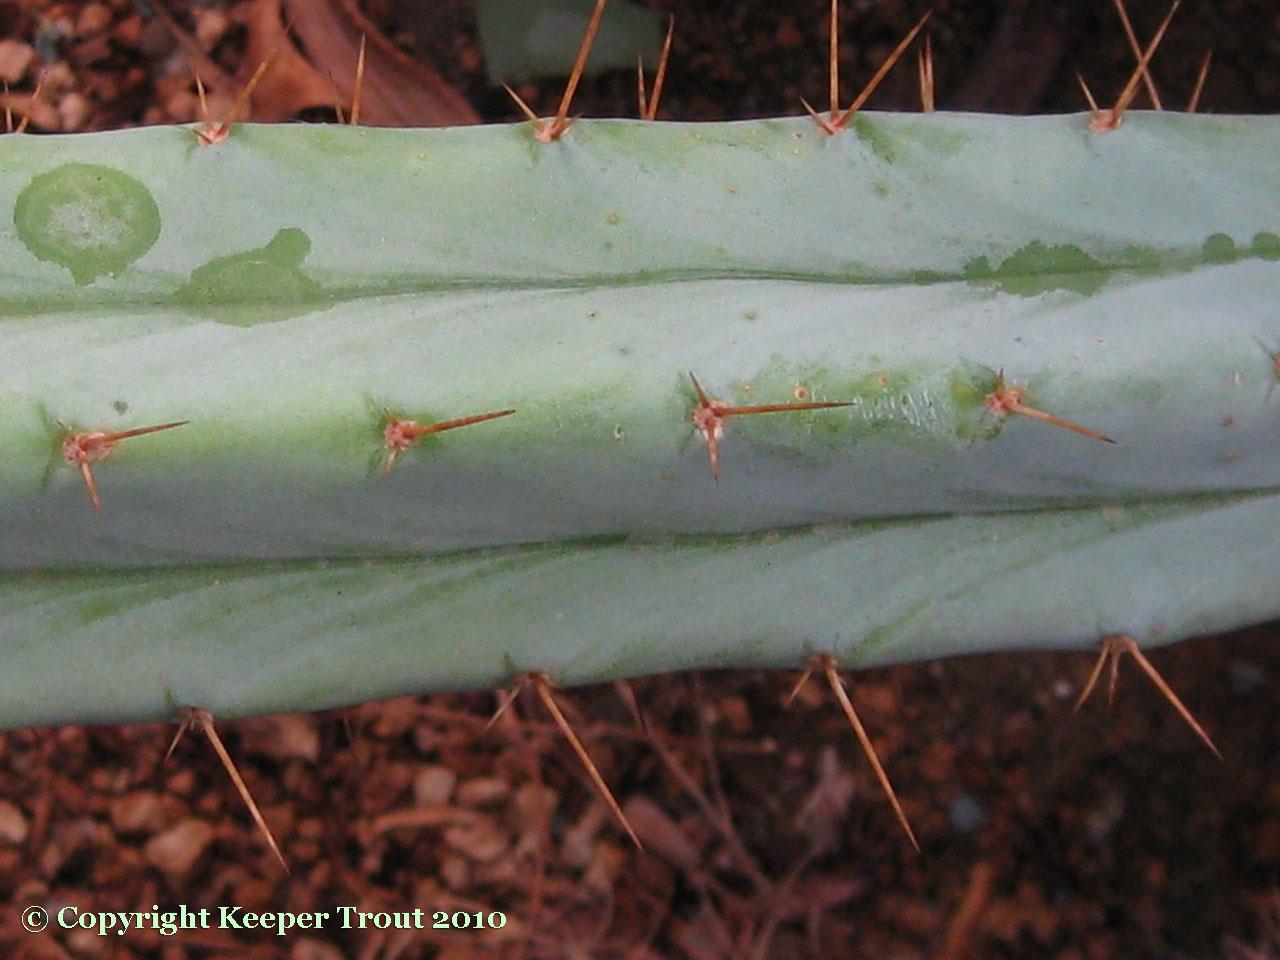 Trichocereus-pachanoi-var-puquiensis-NMCR-2010